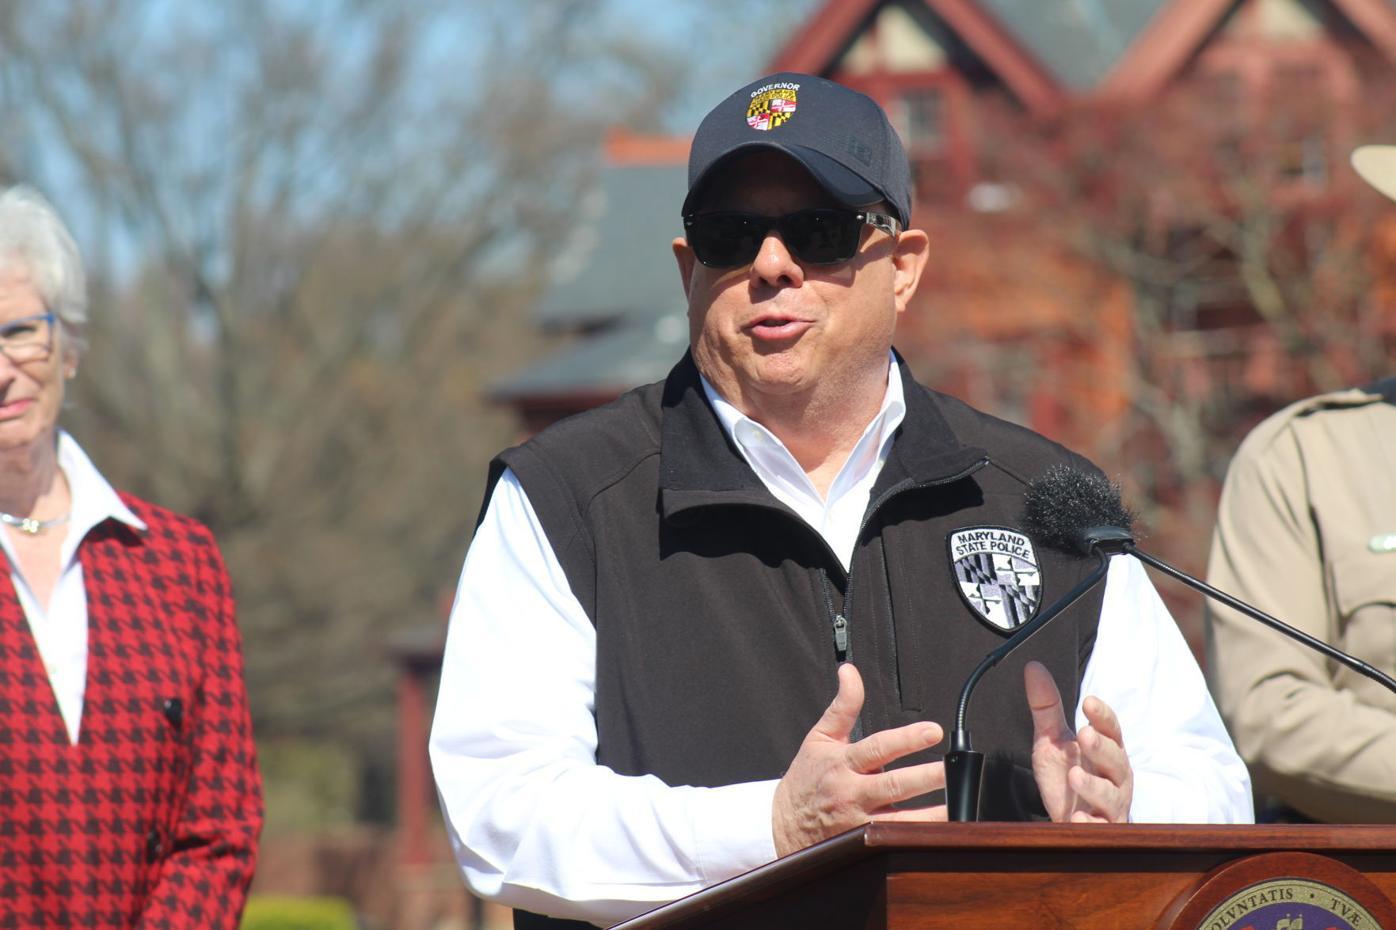 Hogan orders Marylanders to stay home as virus spreads